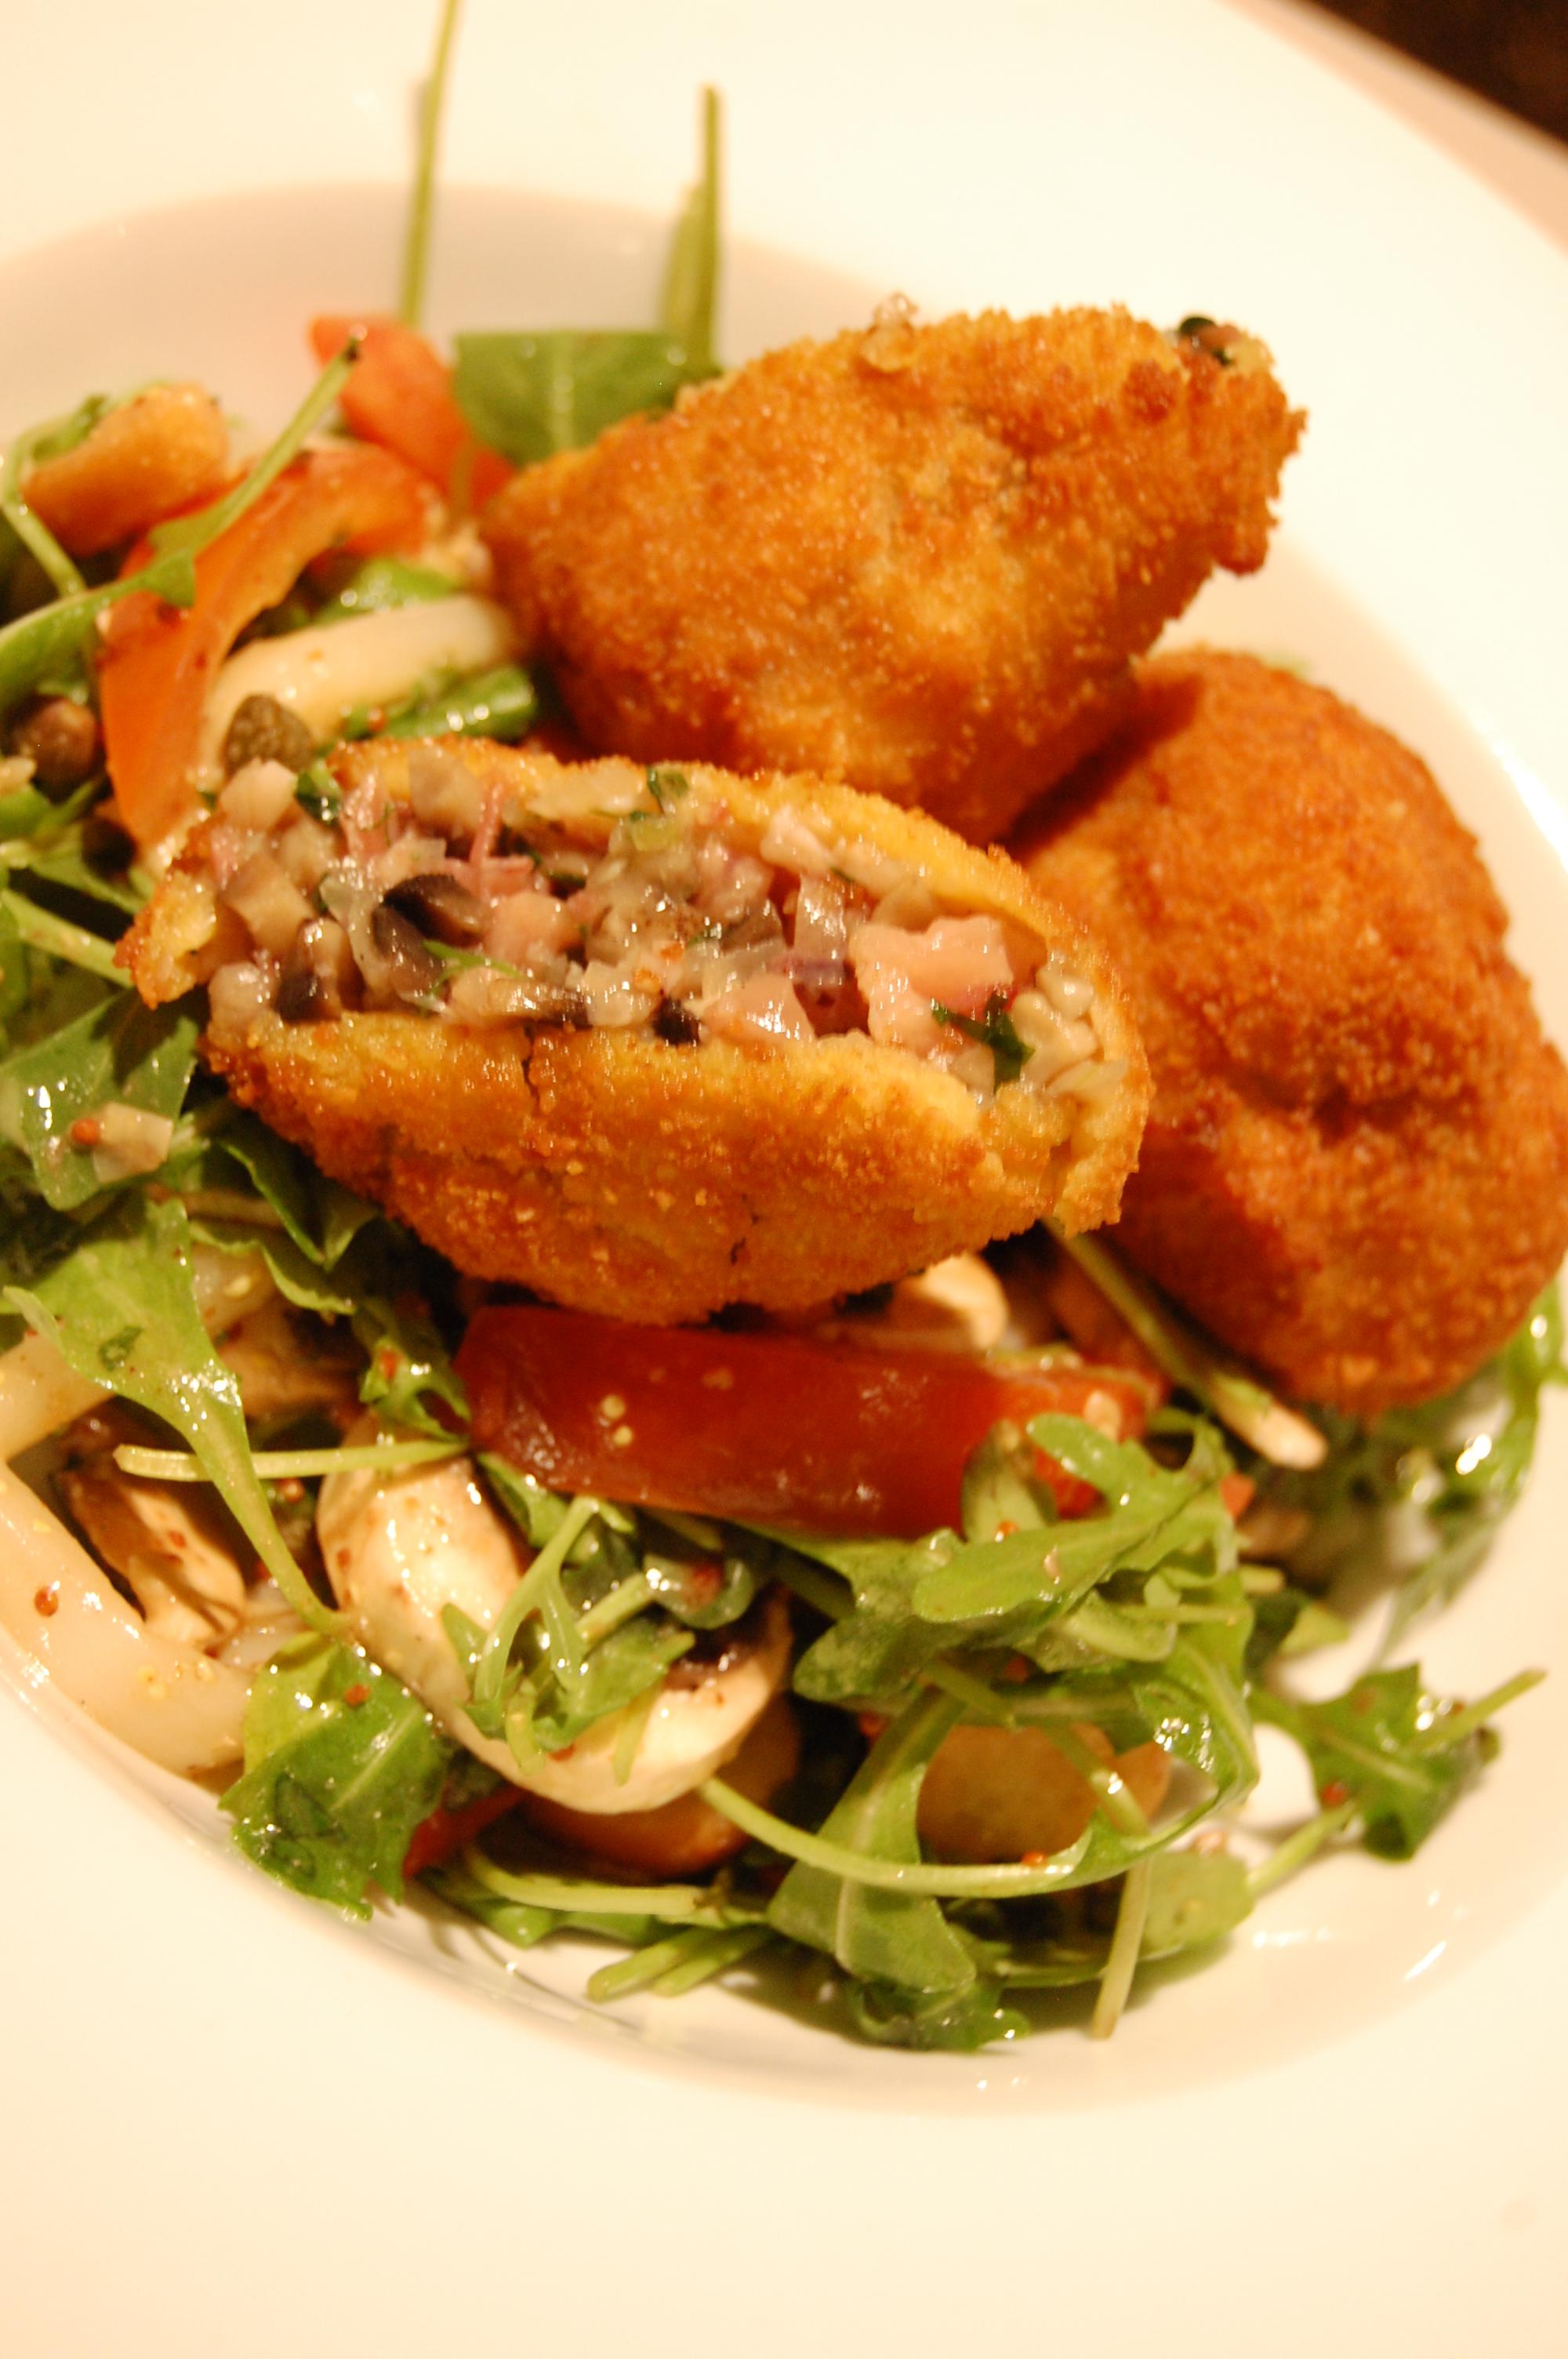 Cuisson Pied De Porc : cuisson, Recette, Grand-mère,, Croustillants, Pieds, Lacuisinedecoeur